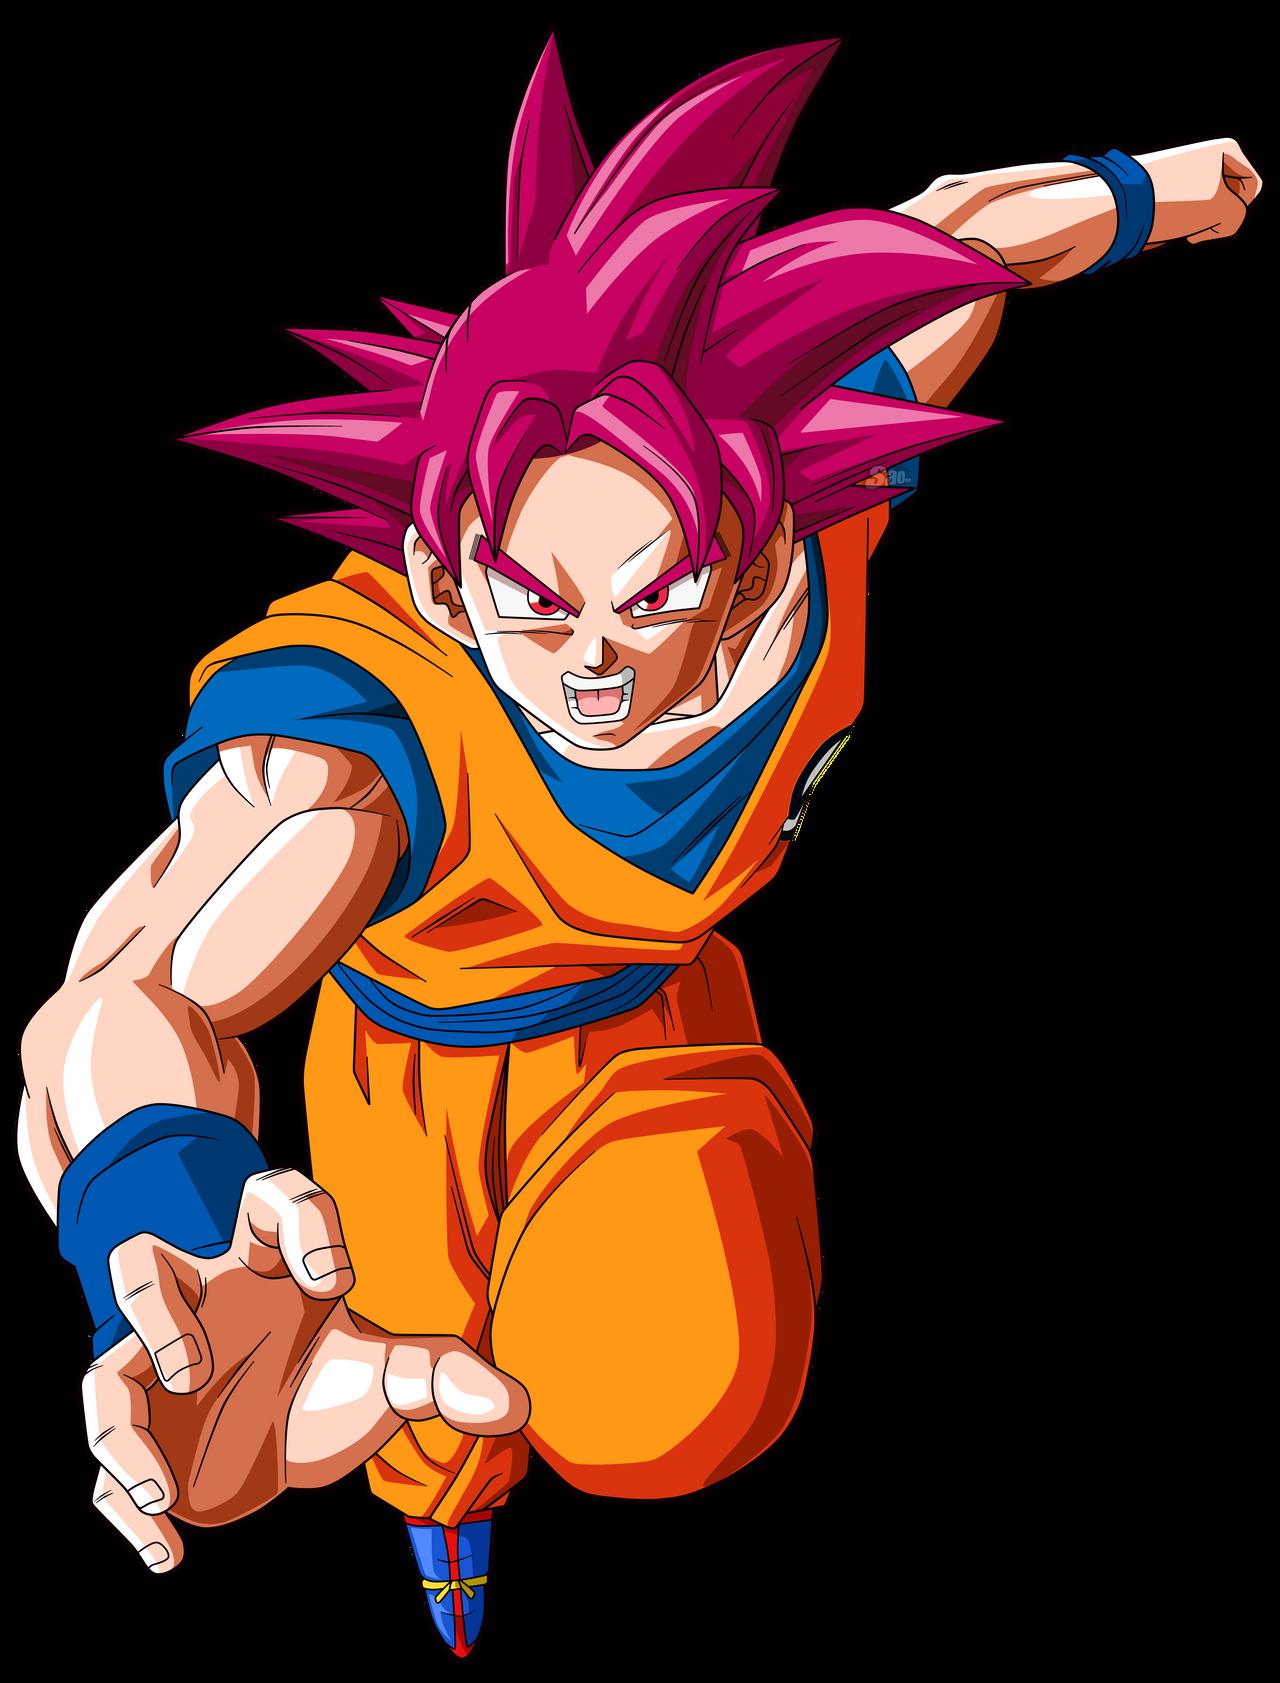 Goku Super Saiyajin Fase Dios by SaoDVD on DeviantArt